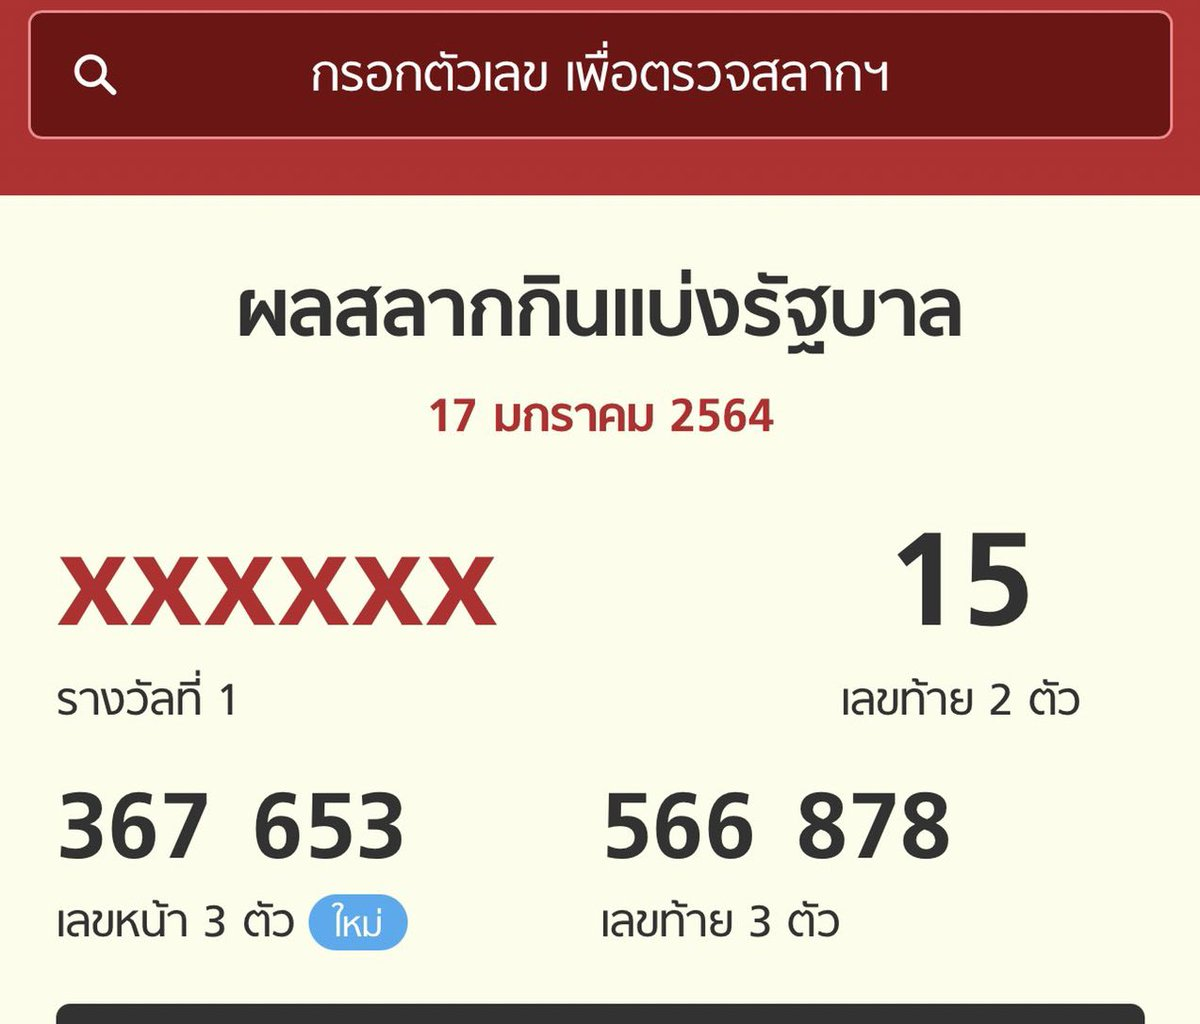 เฮยกงาน ฮื่อออ แชให้โชค  #H_ONE1501party